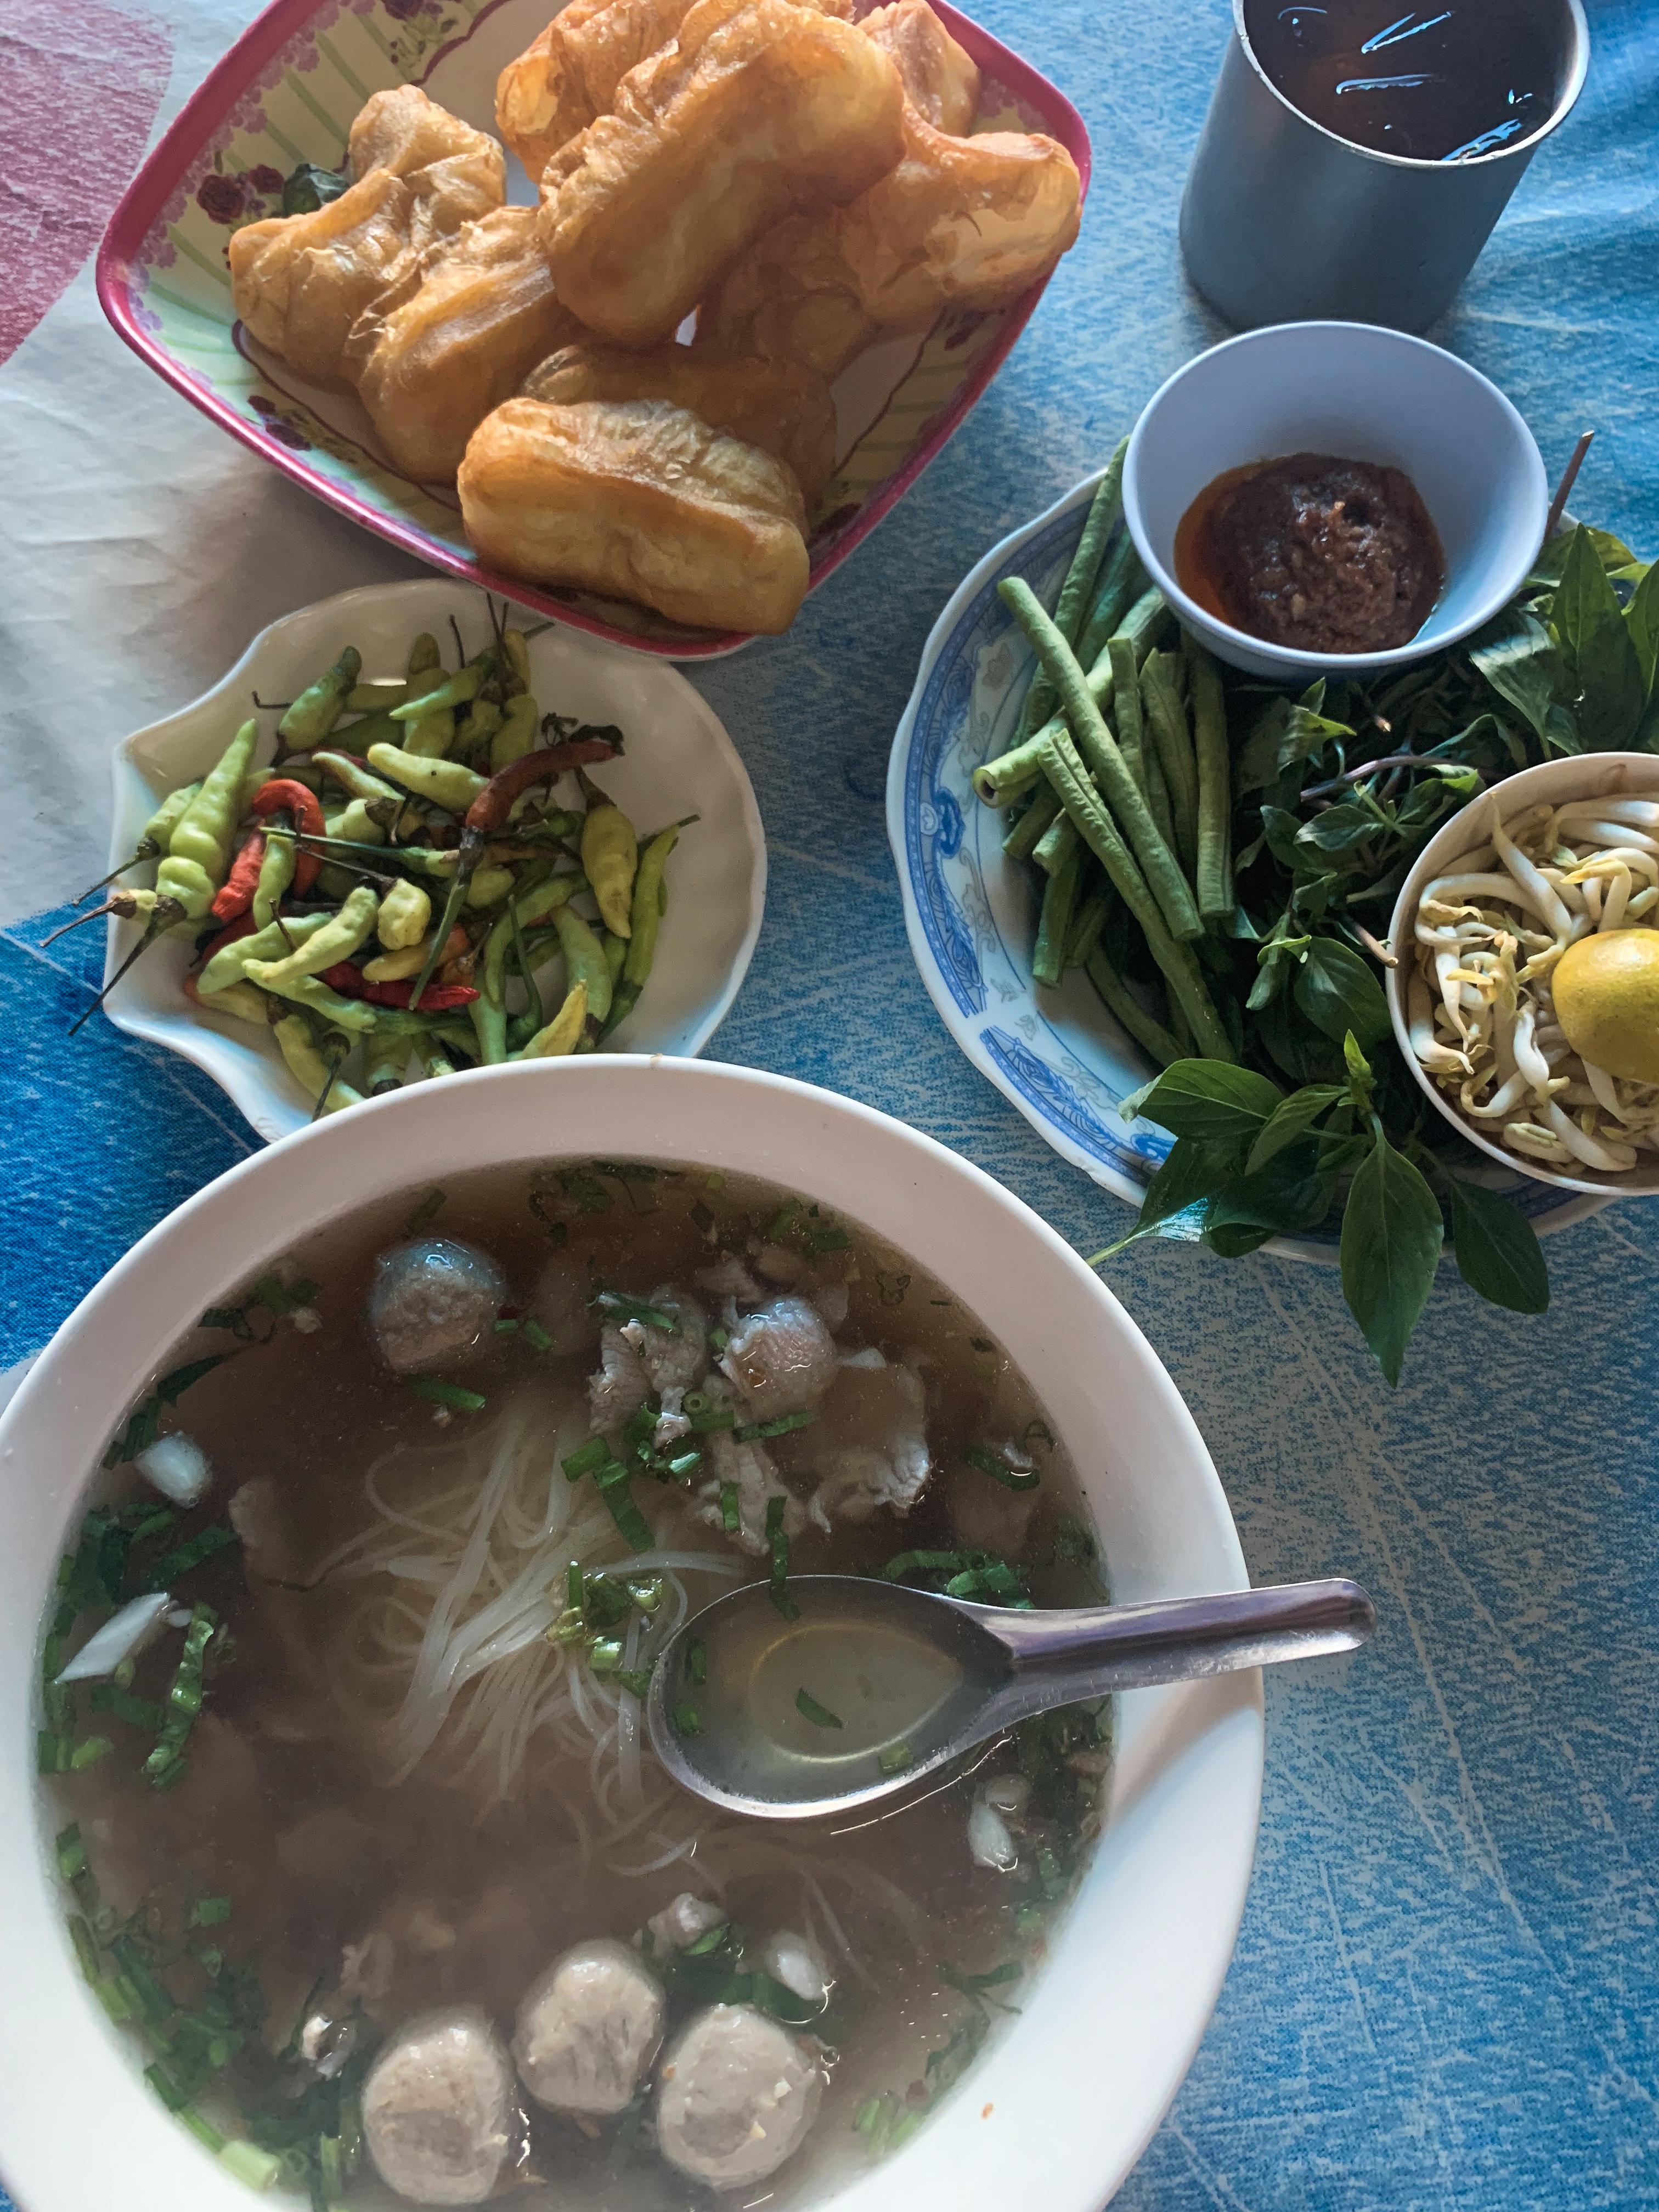 Laoská polievka Noodle soup